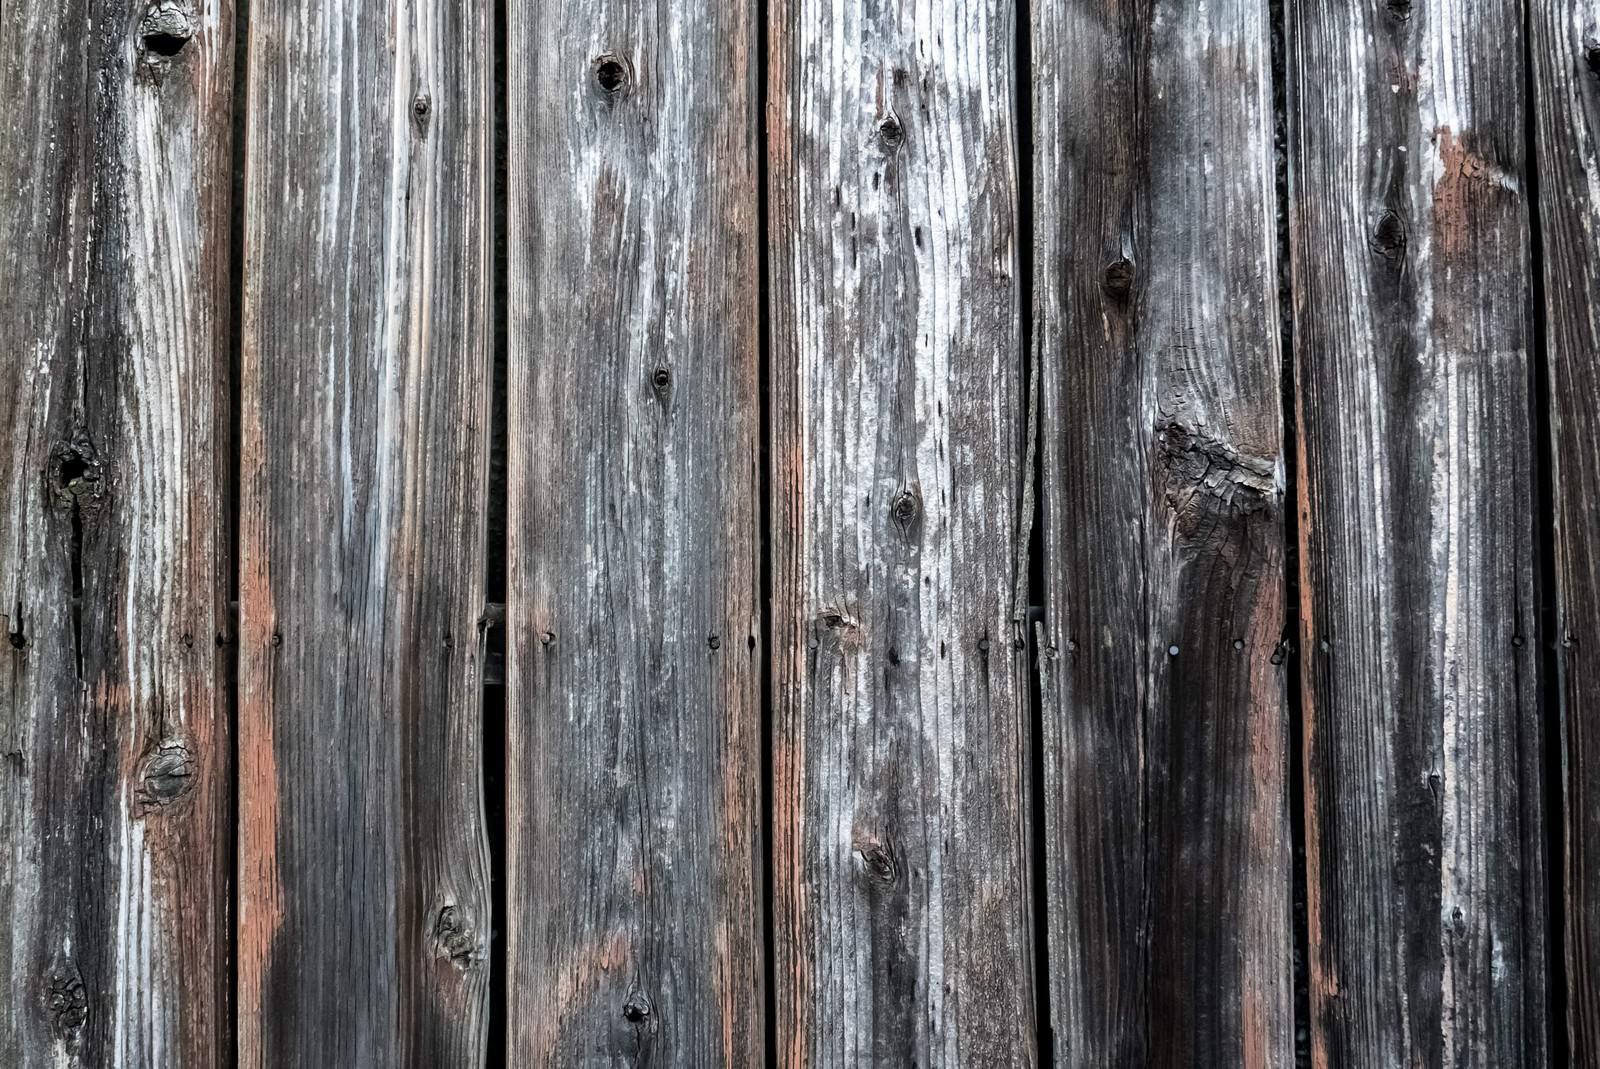 「色あせた木の柵色あせた木の柵」のフリー写真素材を拡大